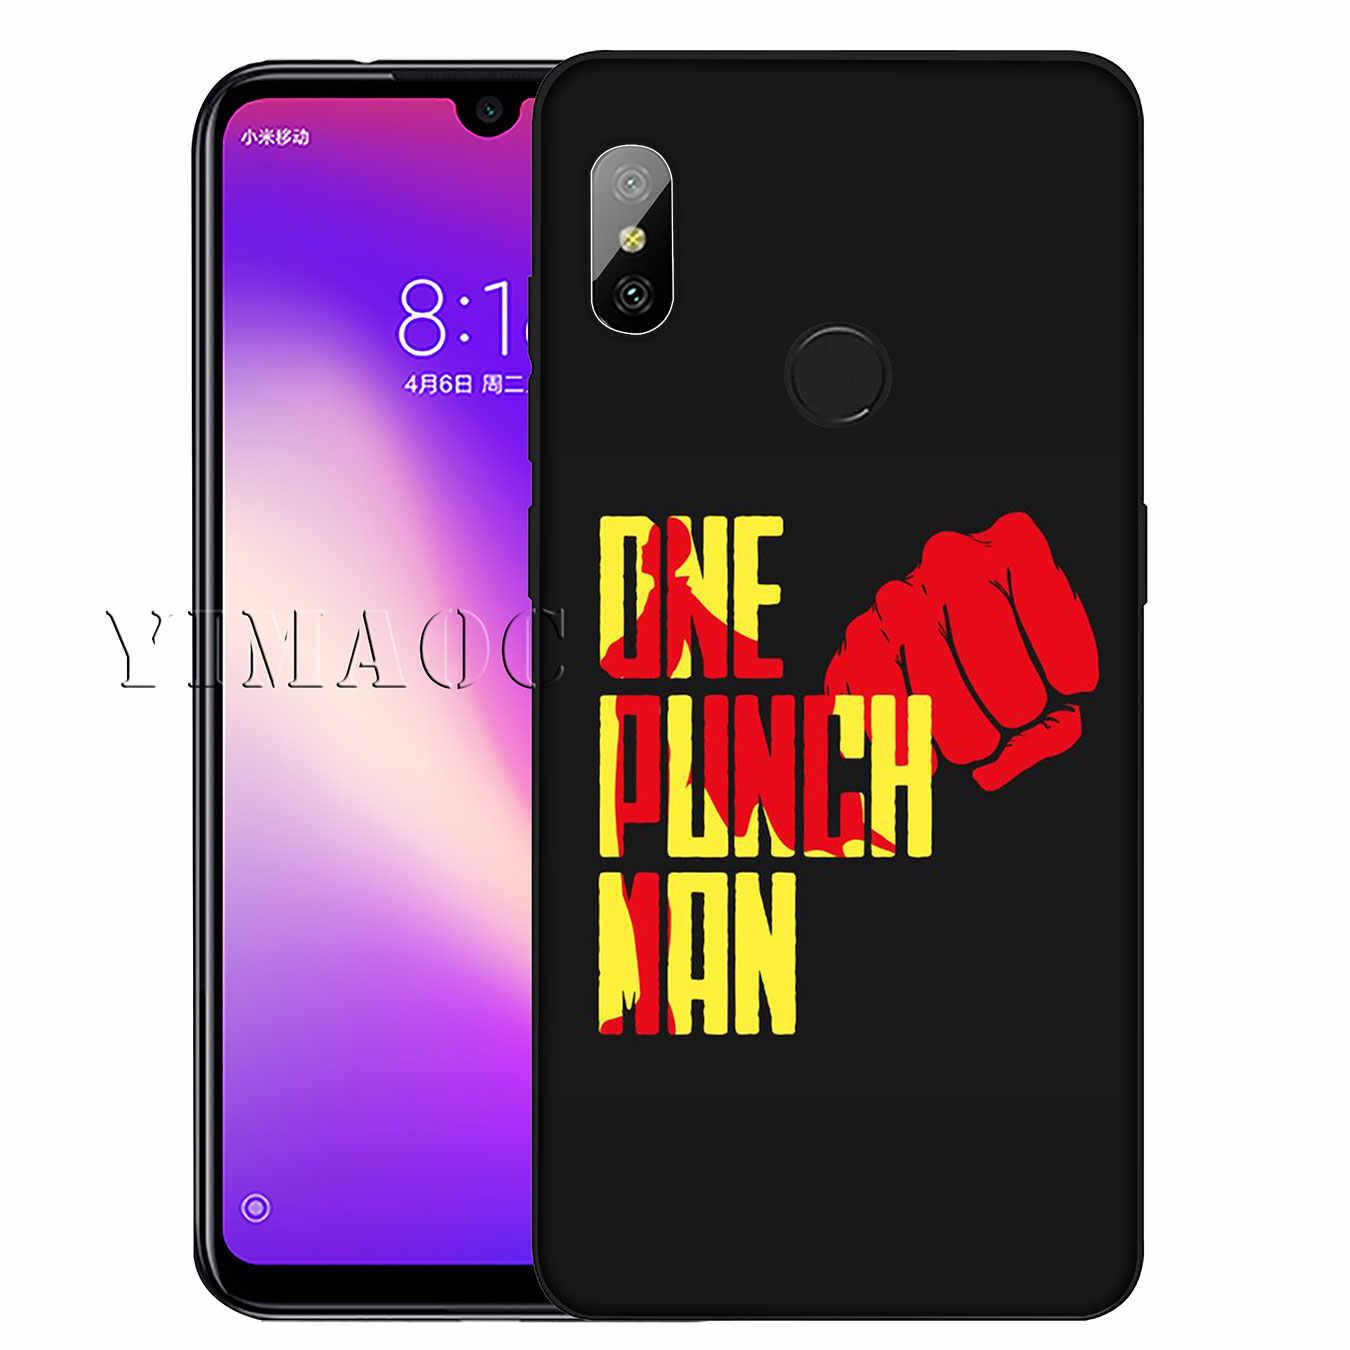 Мягкий силиконовый чехол для телефона YIMAOC ONE PUNCH MAN с рисунком для Xiaomi Redmi K20 GO S2 6A 7A 4A 4X Note 7 5 6 Pro Plus, черный чехол из ТПУ